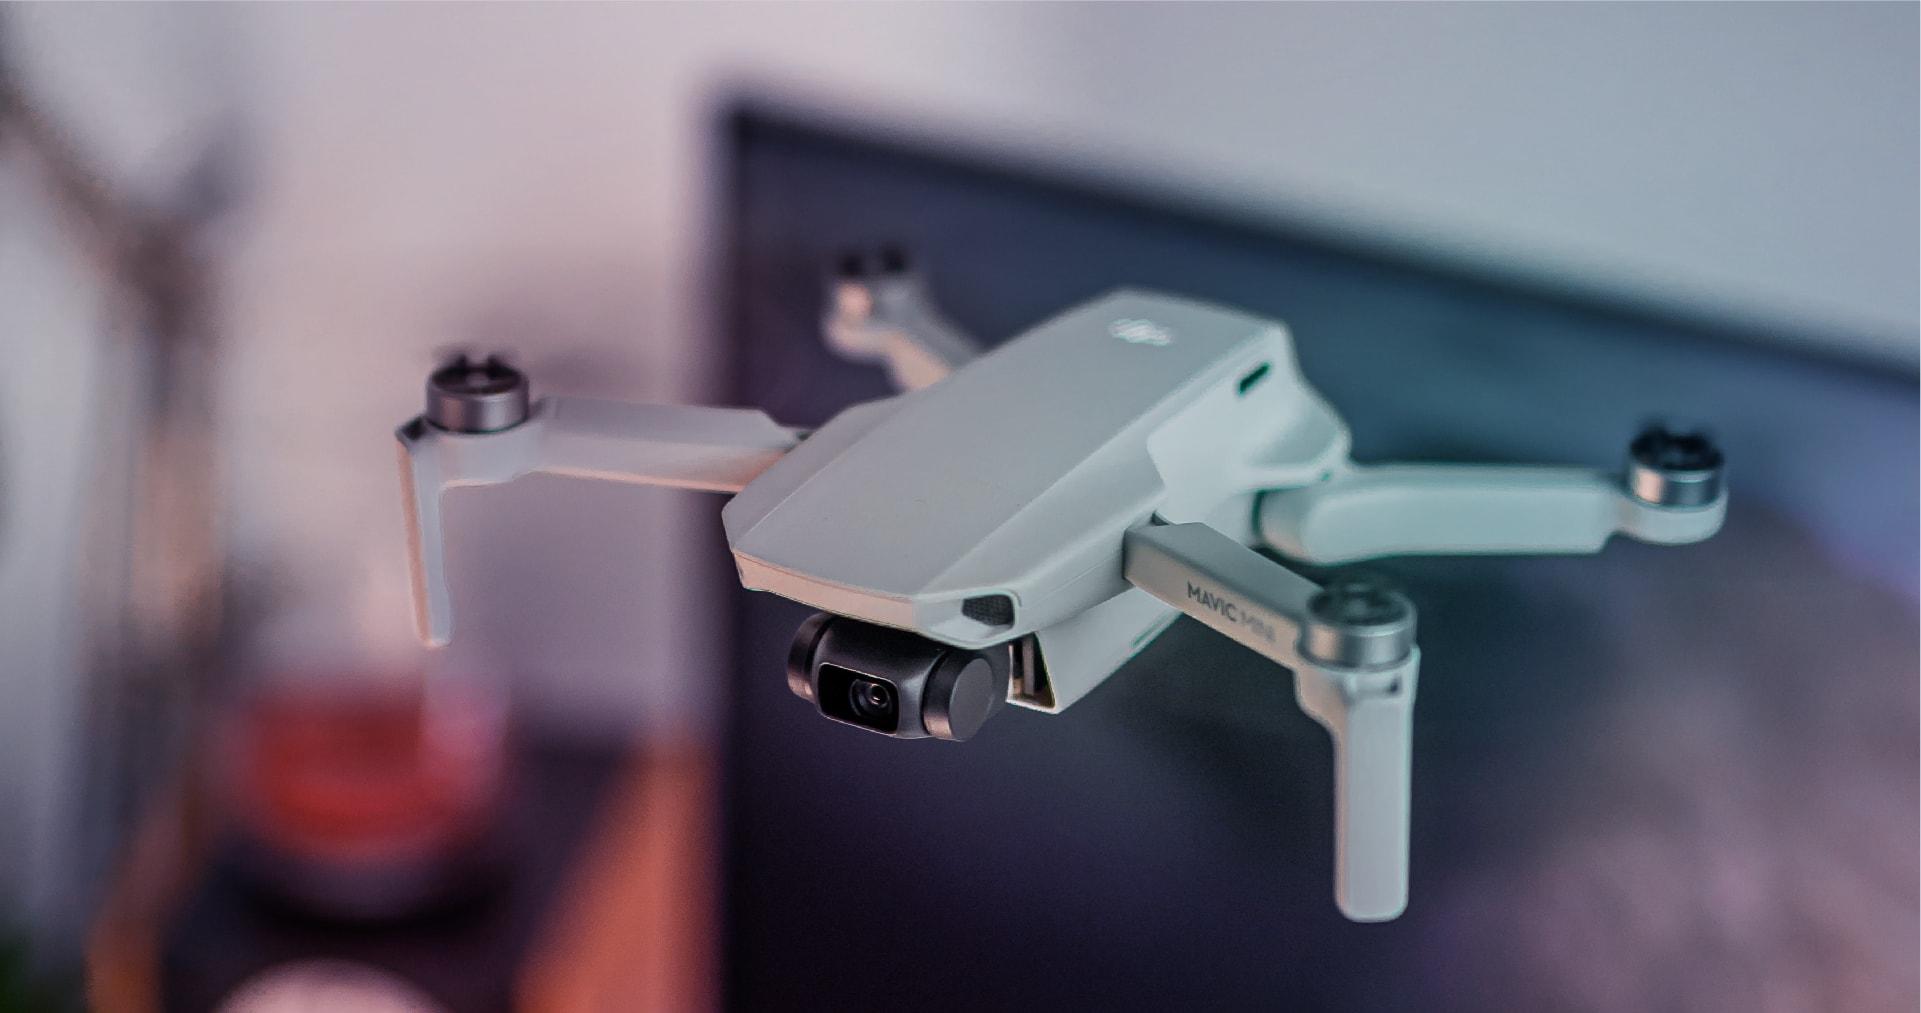 Drones τσέπης: Μικρά και προσιτά